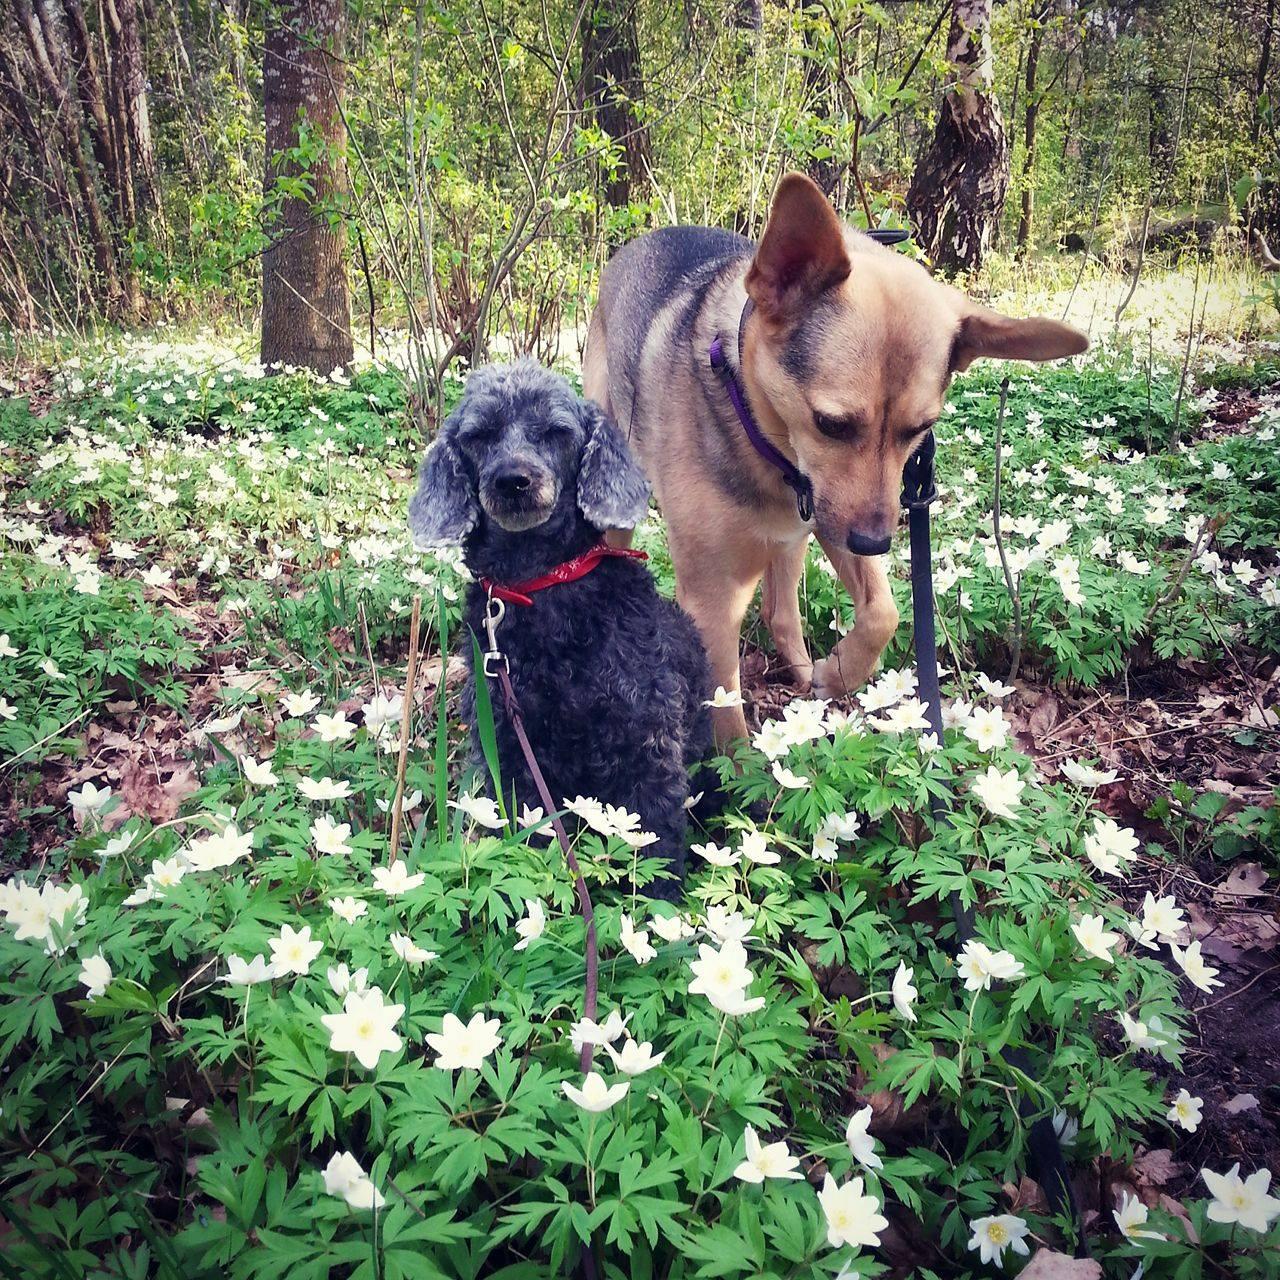 Tramshundar